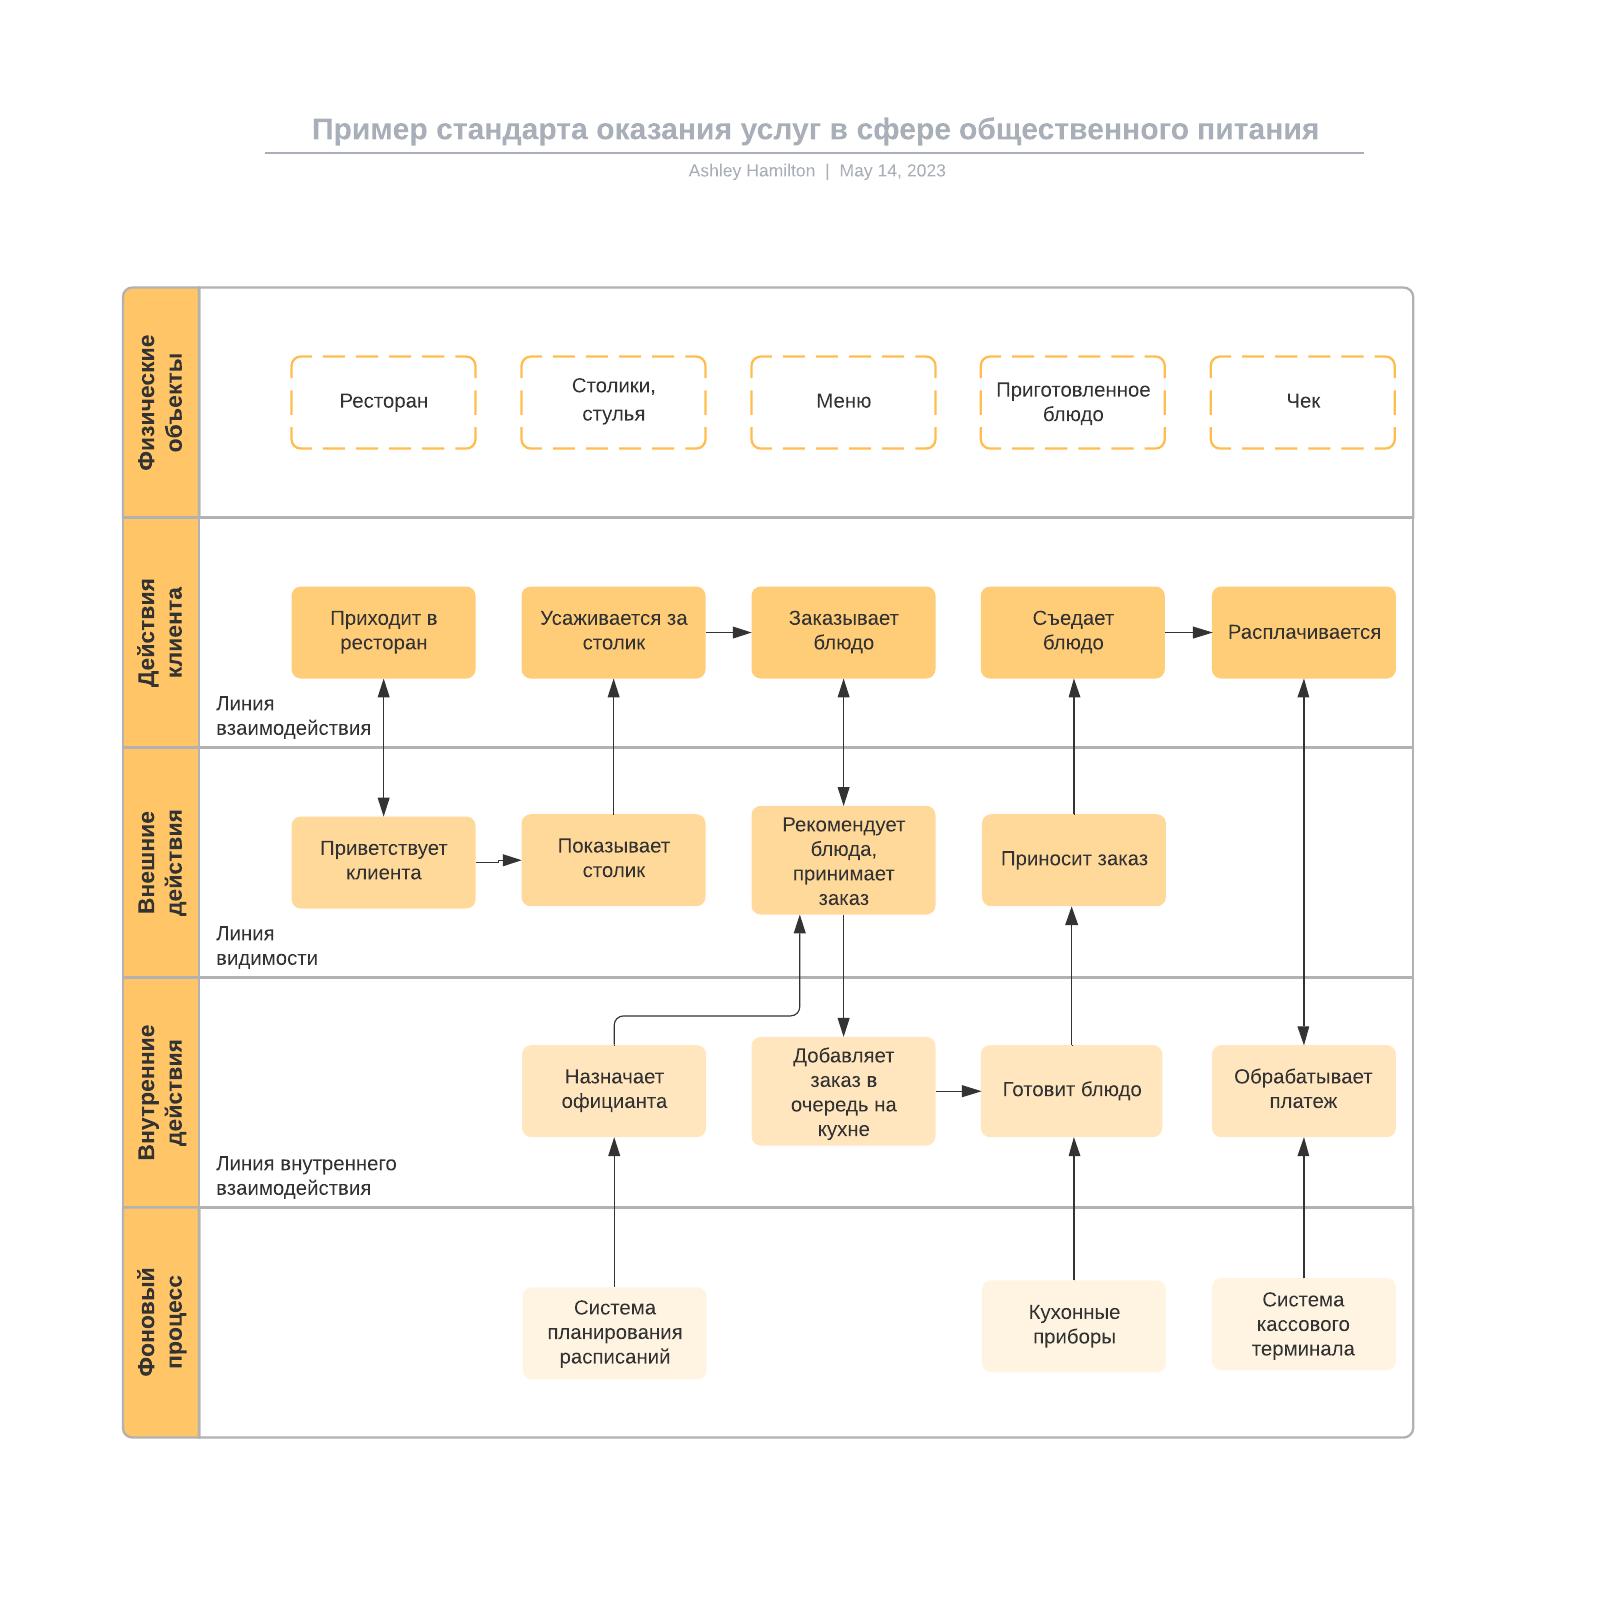 Пример стандарта оказания услуг в сфере общественного питания